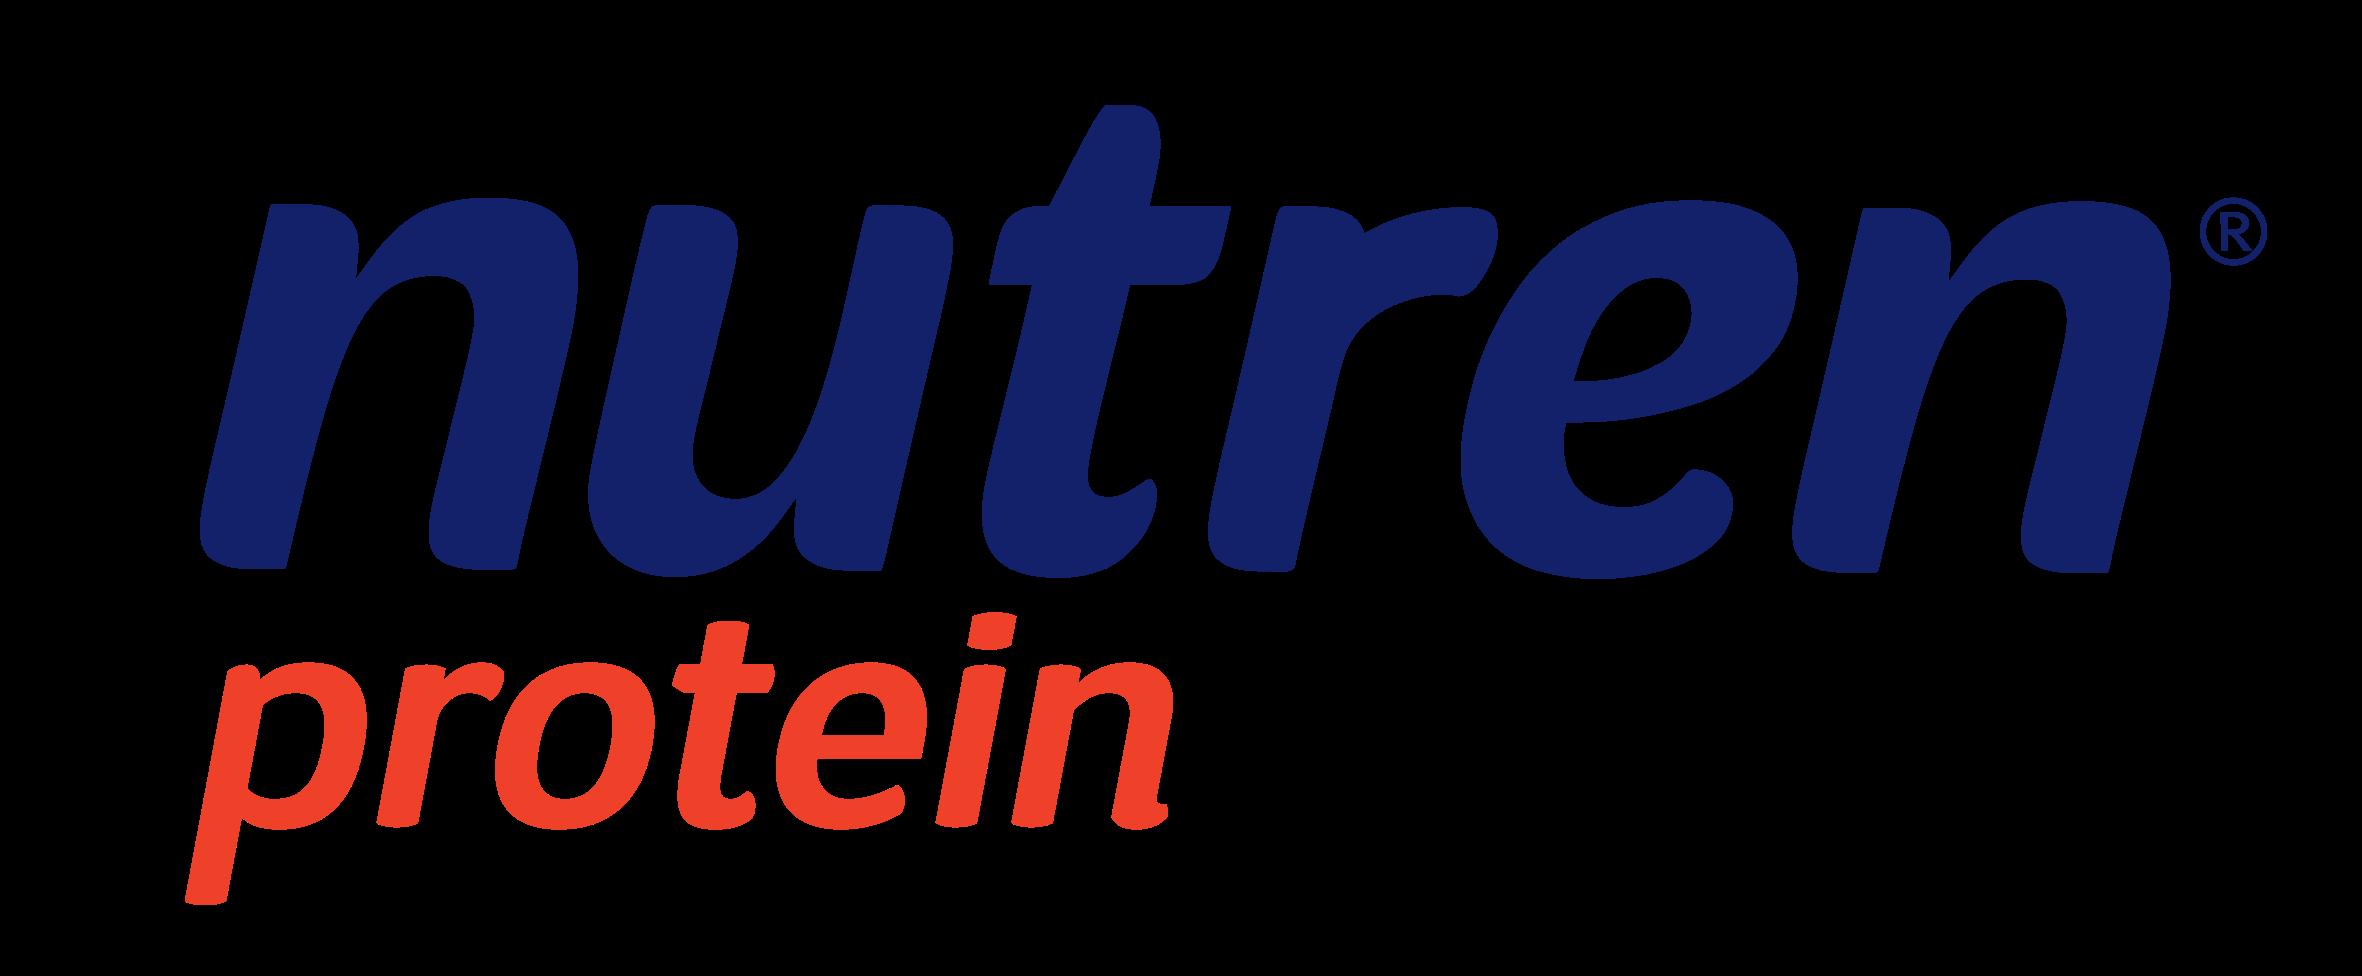 nutren-protein-logo-1